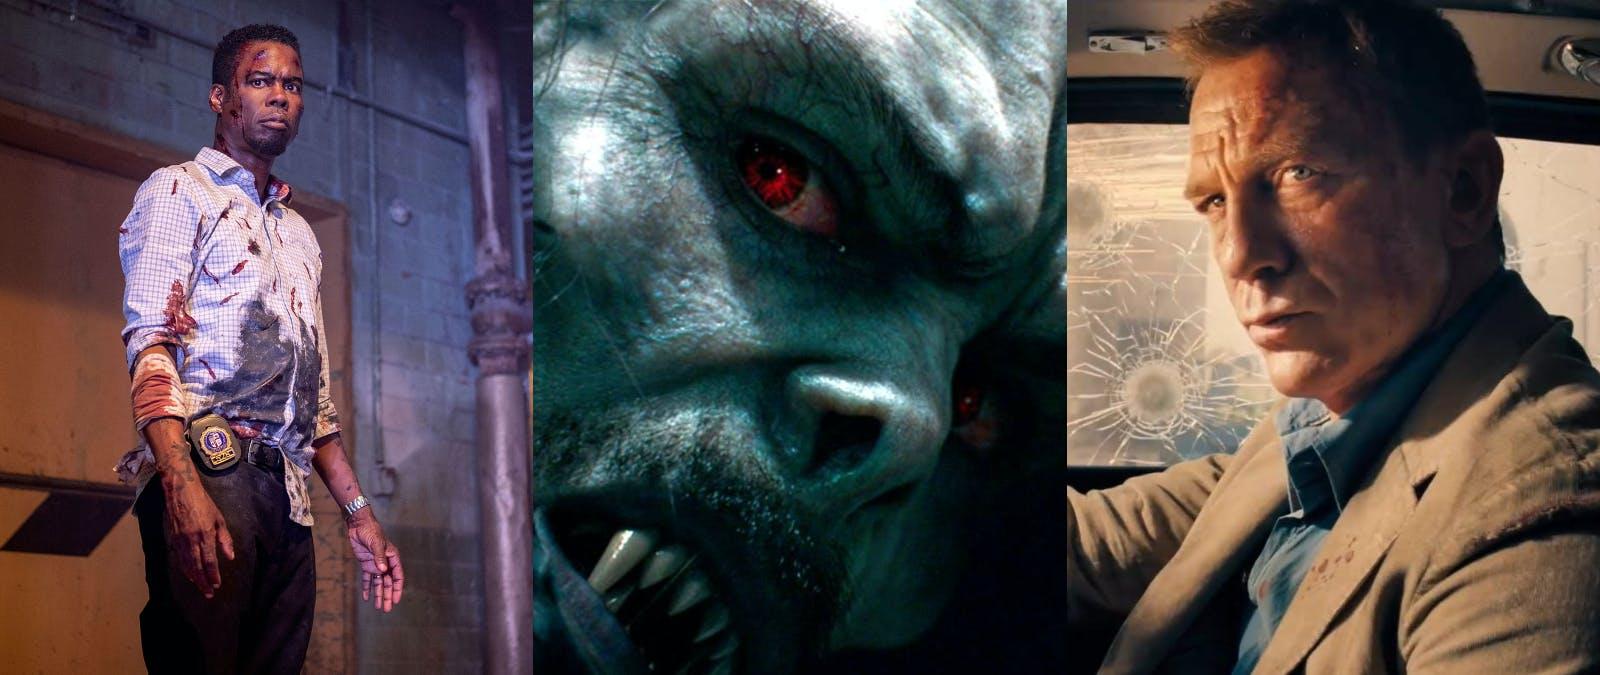 Bästa filmerna 2021 –Här är tipsen